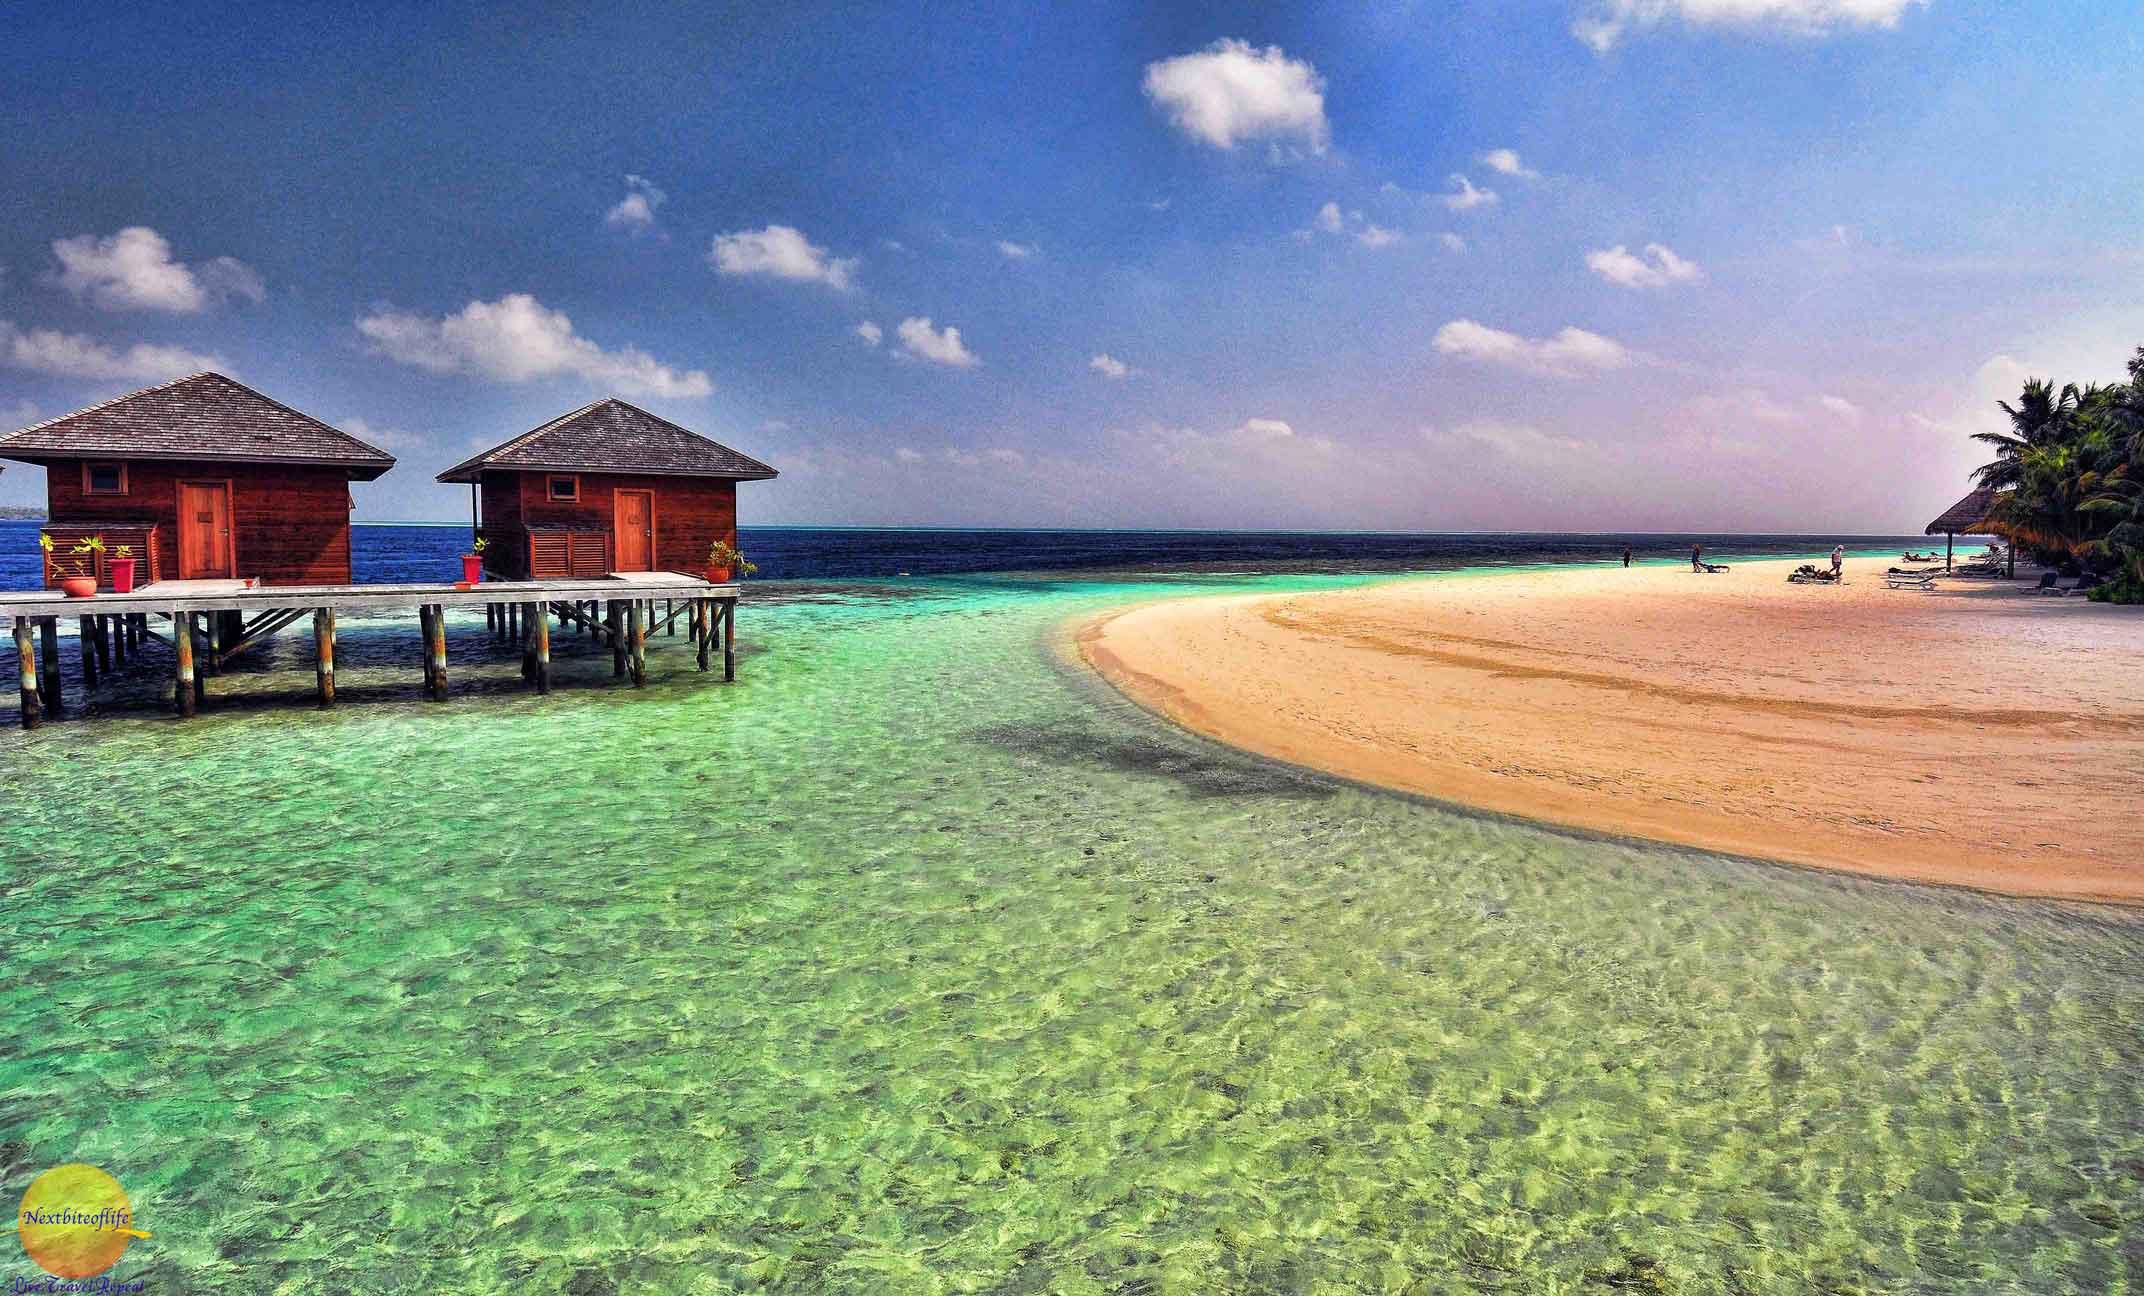 vilamendhoo spa huts and beach maldives image